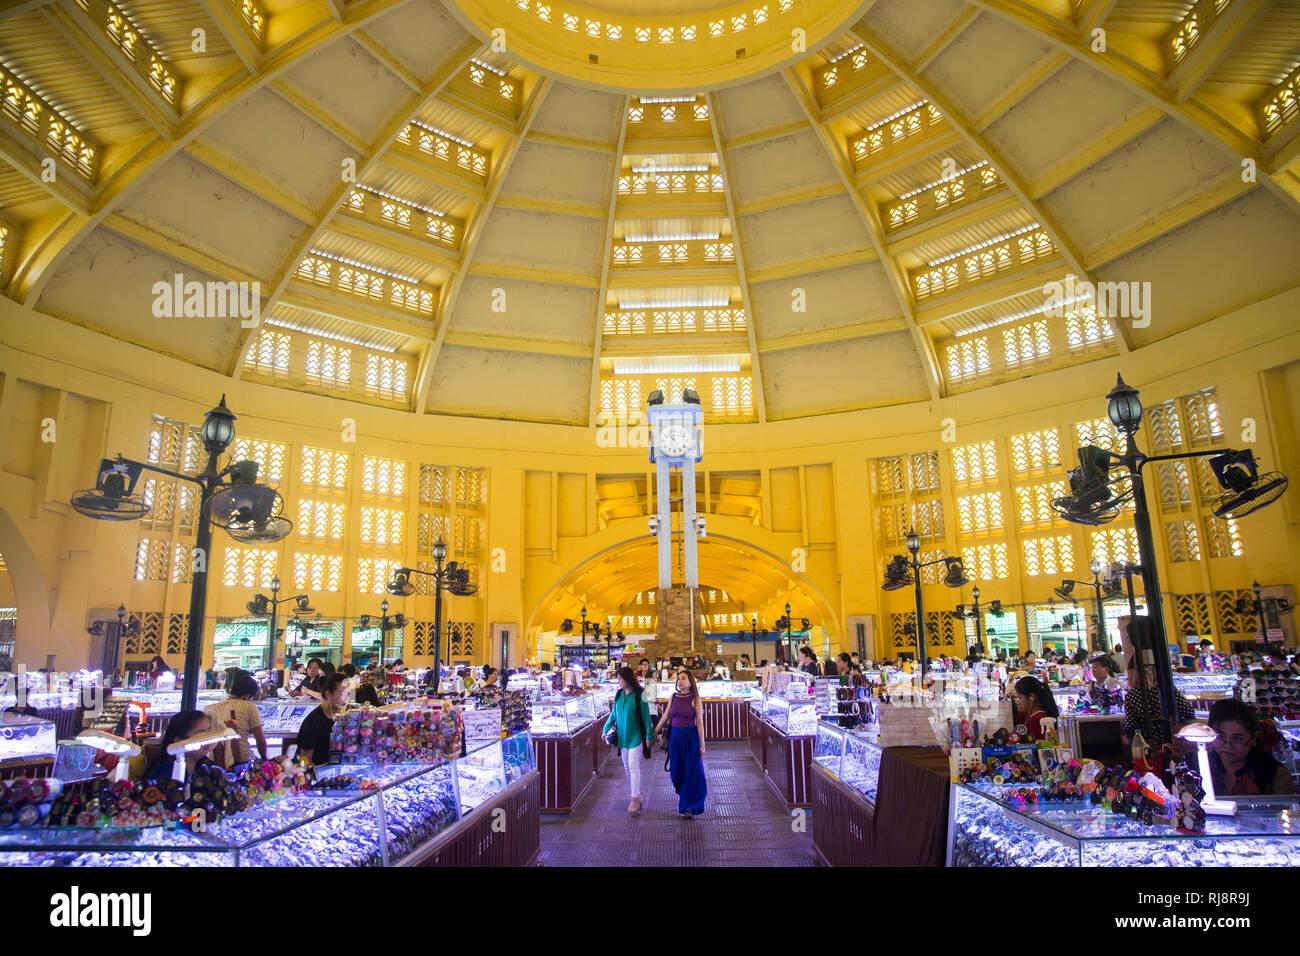 Kambodscha, Phnom Penh, Zentrale Markthalle, Schmuck und Edelstein Verkauf, ehemalige Markthalle von Frankreich 2011 renoviert - Stock Image